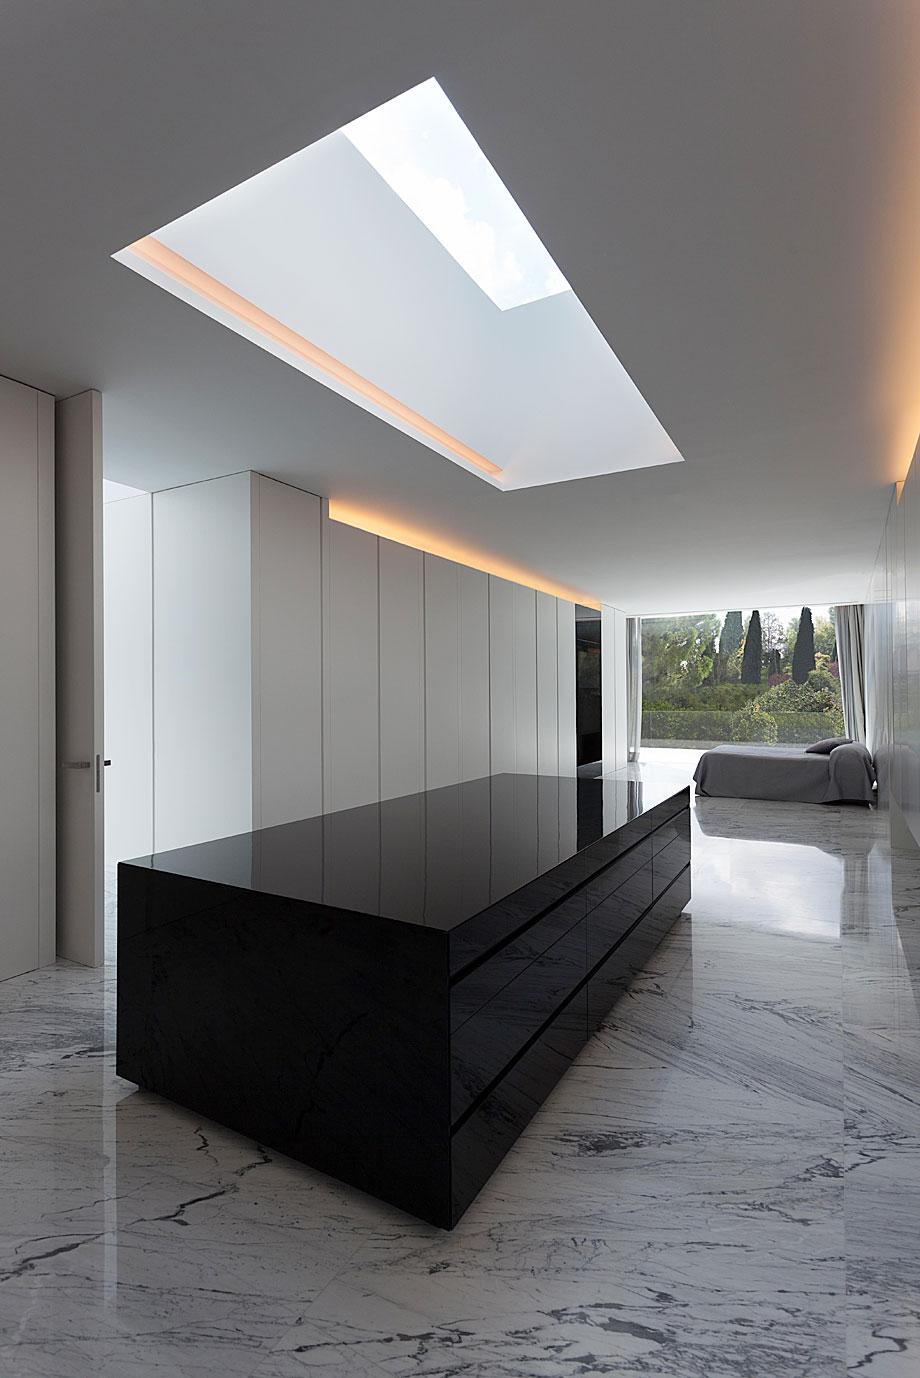 La casa de aluminio de fran silvestre arquitectos for Casa de arquitectos